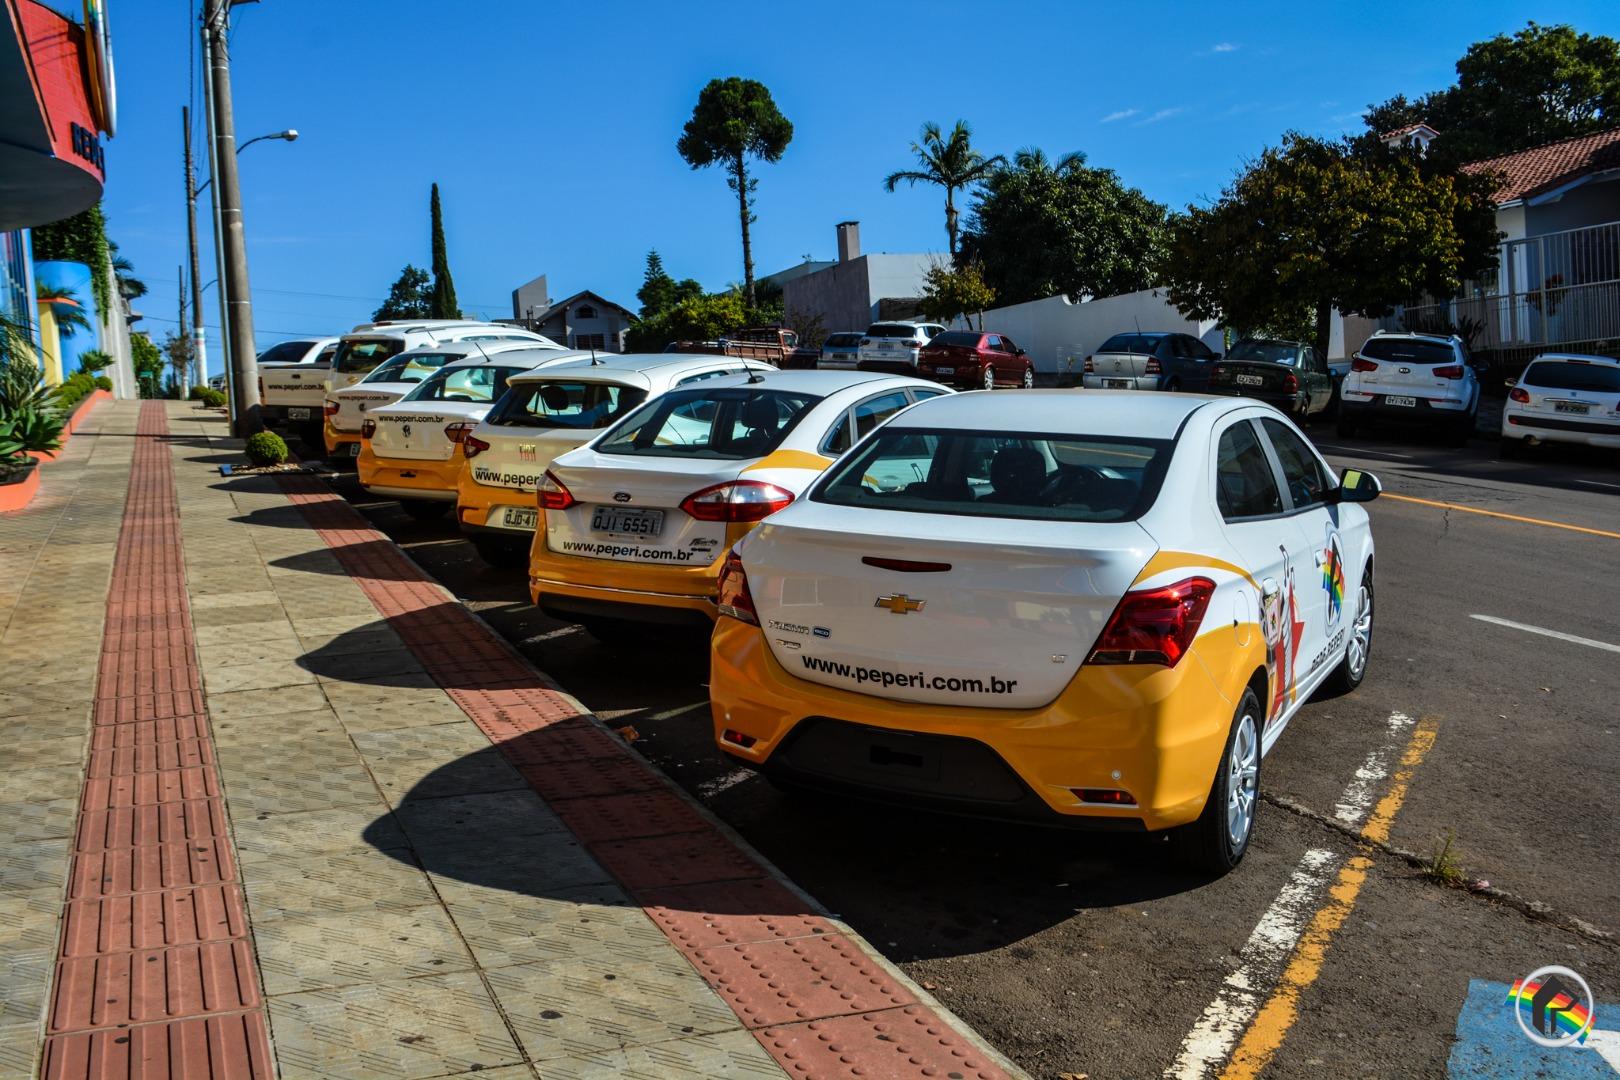 Rede Peperi renova sua frota de veículos